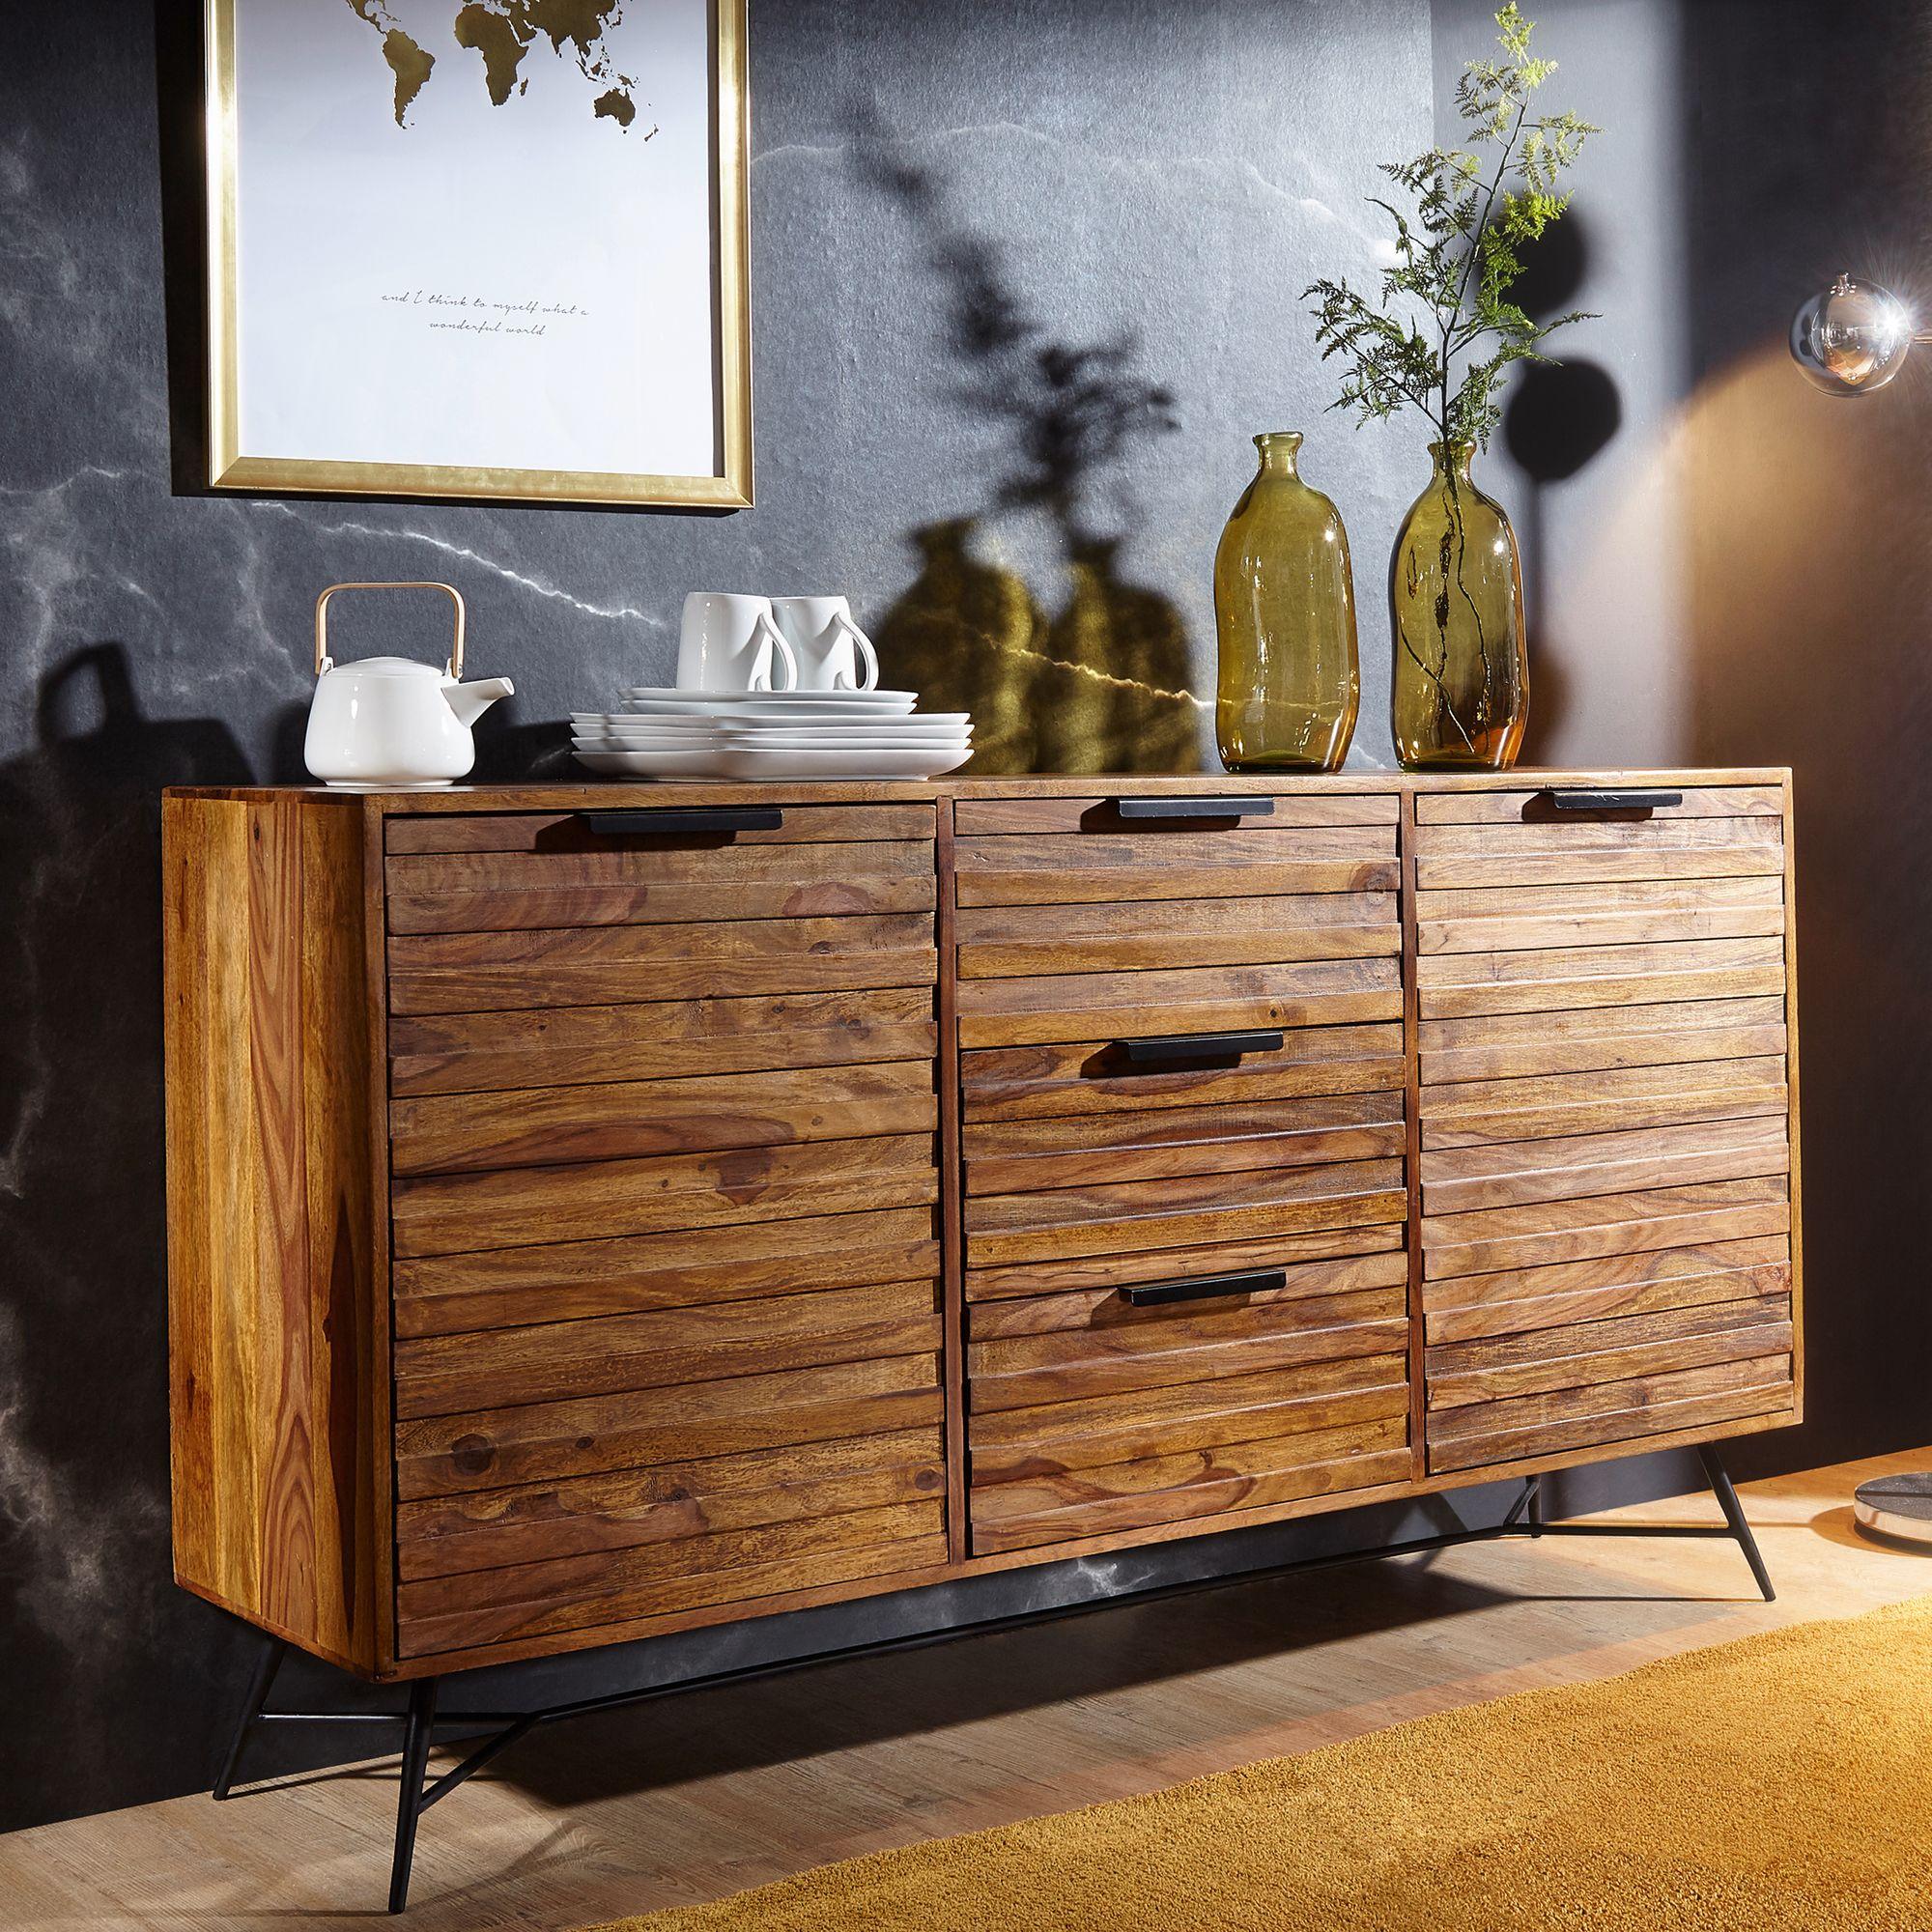 FineBuy Sideboard 160 cm Kommode Türen & Schubladen Anrichte Massivholz  Schrank